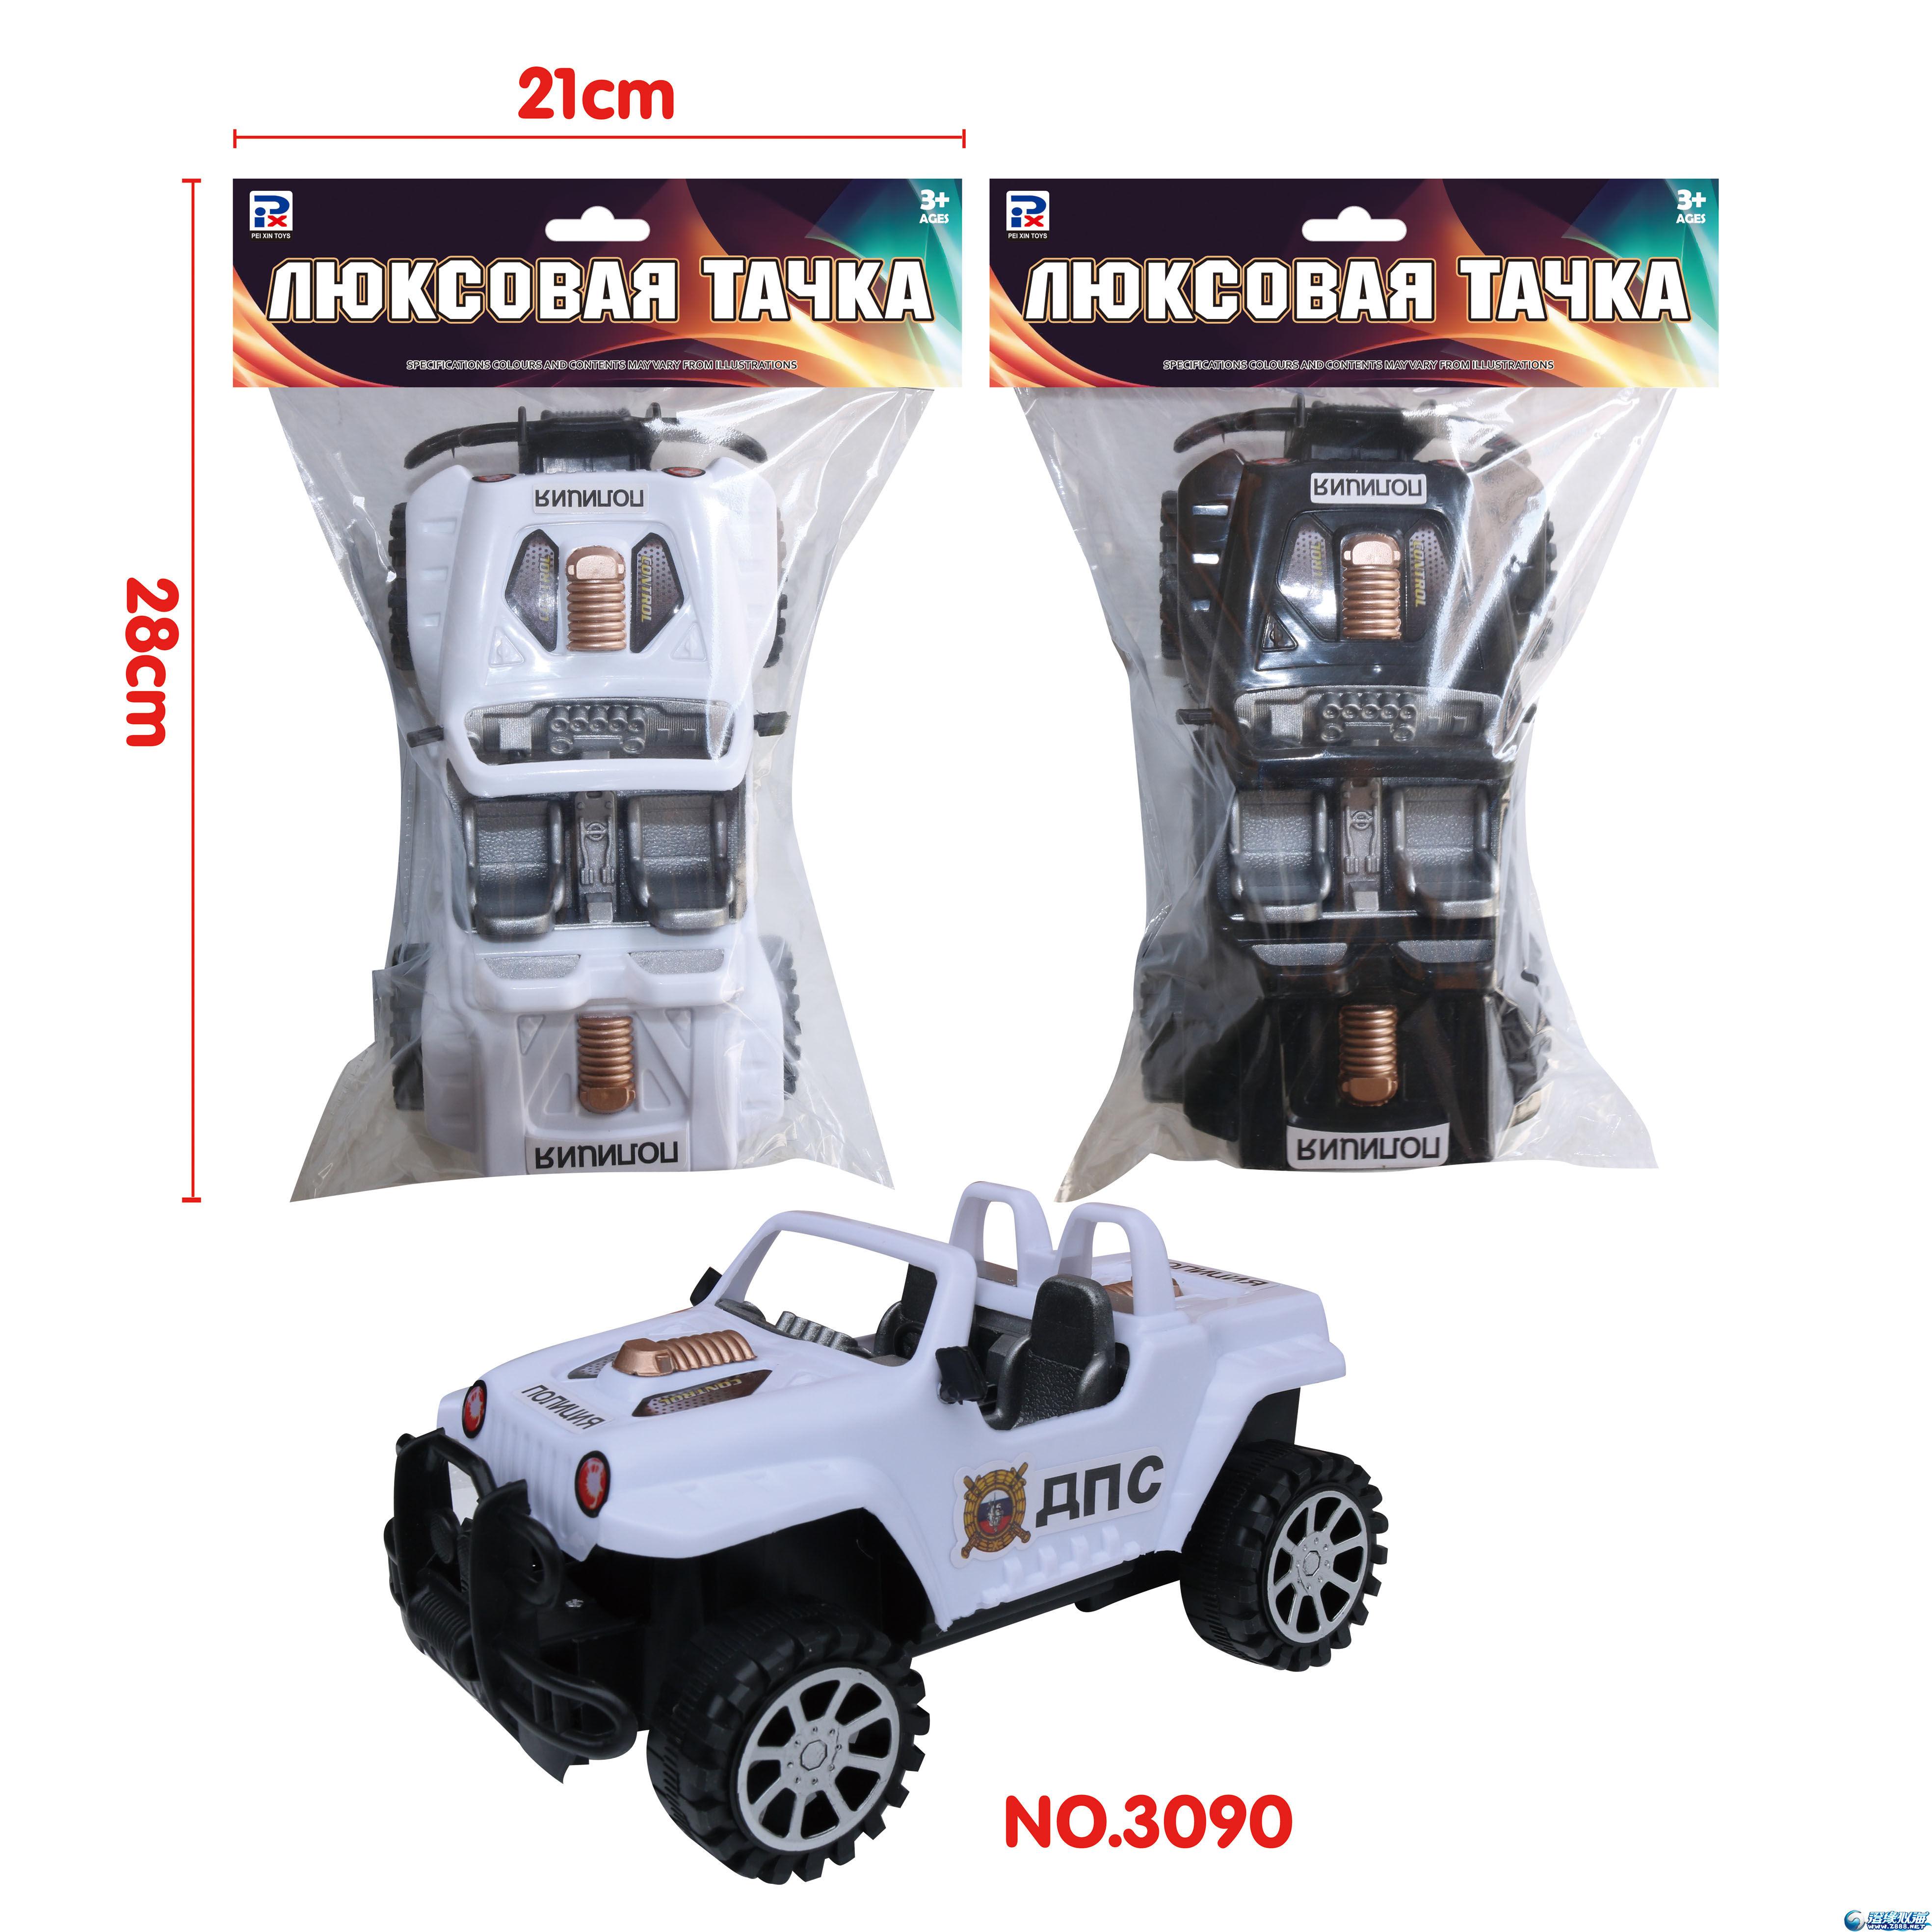 沛鑫玩具厂又出新样品了走过的公司朋友进来取资料加QQ398411621